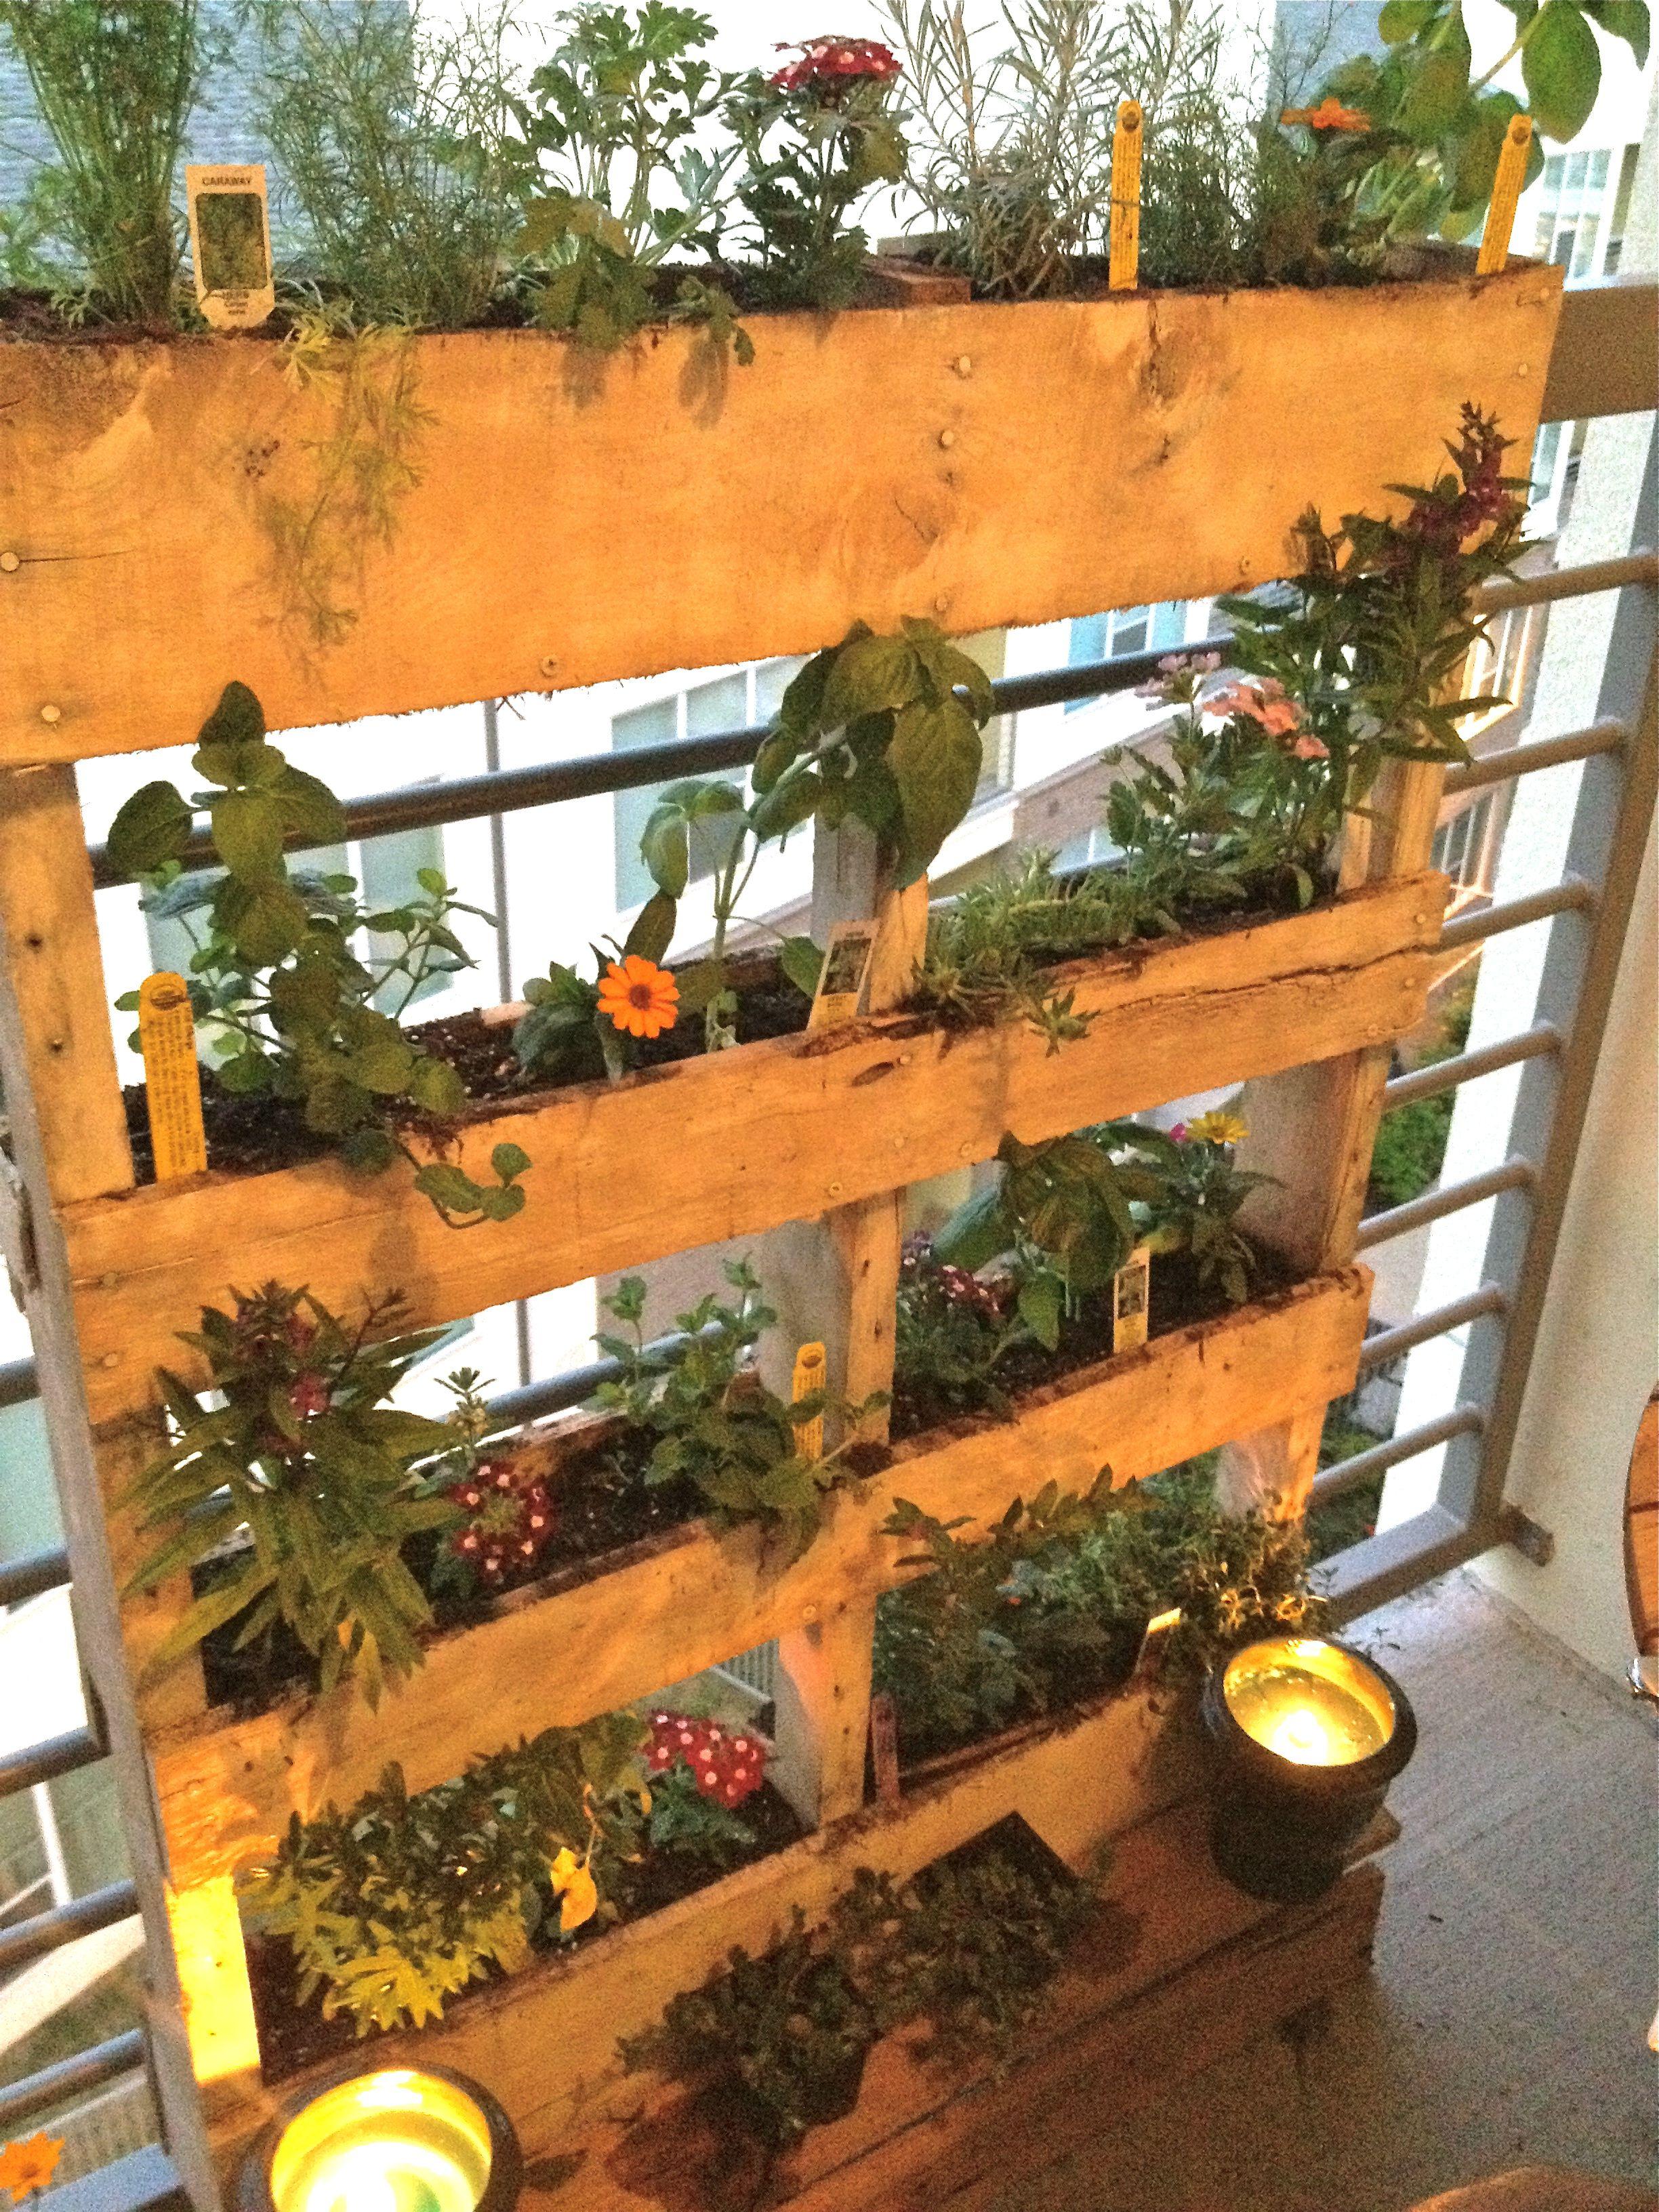 DIY pallet herb garden | pallets | Pinterest | Pallet herb gardens ...